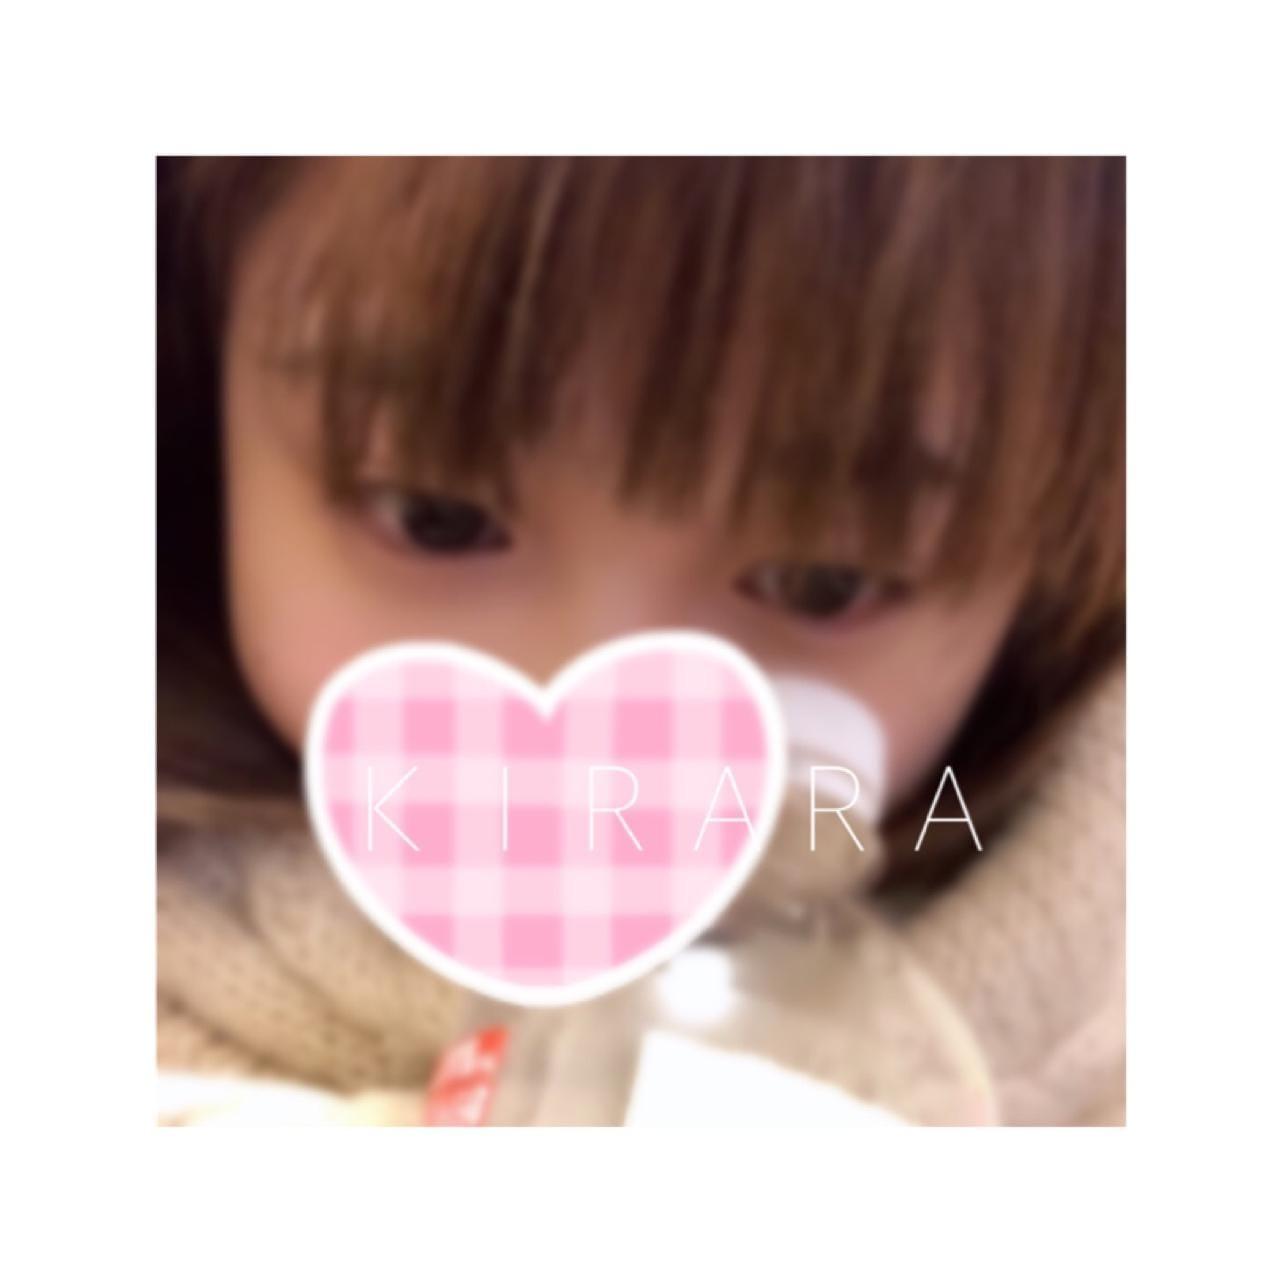 「エロティックですね」02/10(02/10) 19:55 | きららの写メ・風俗動画